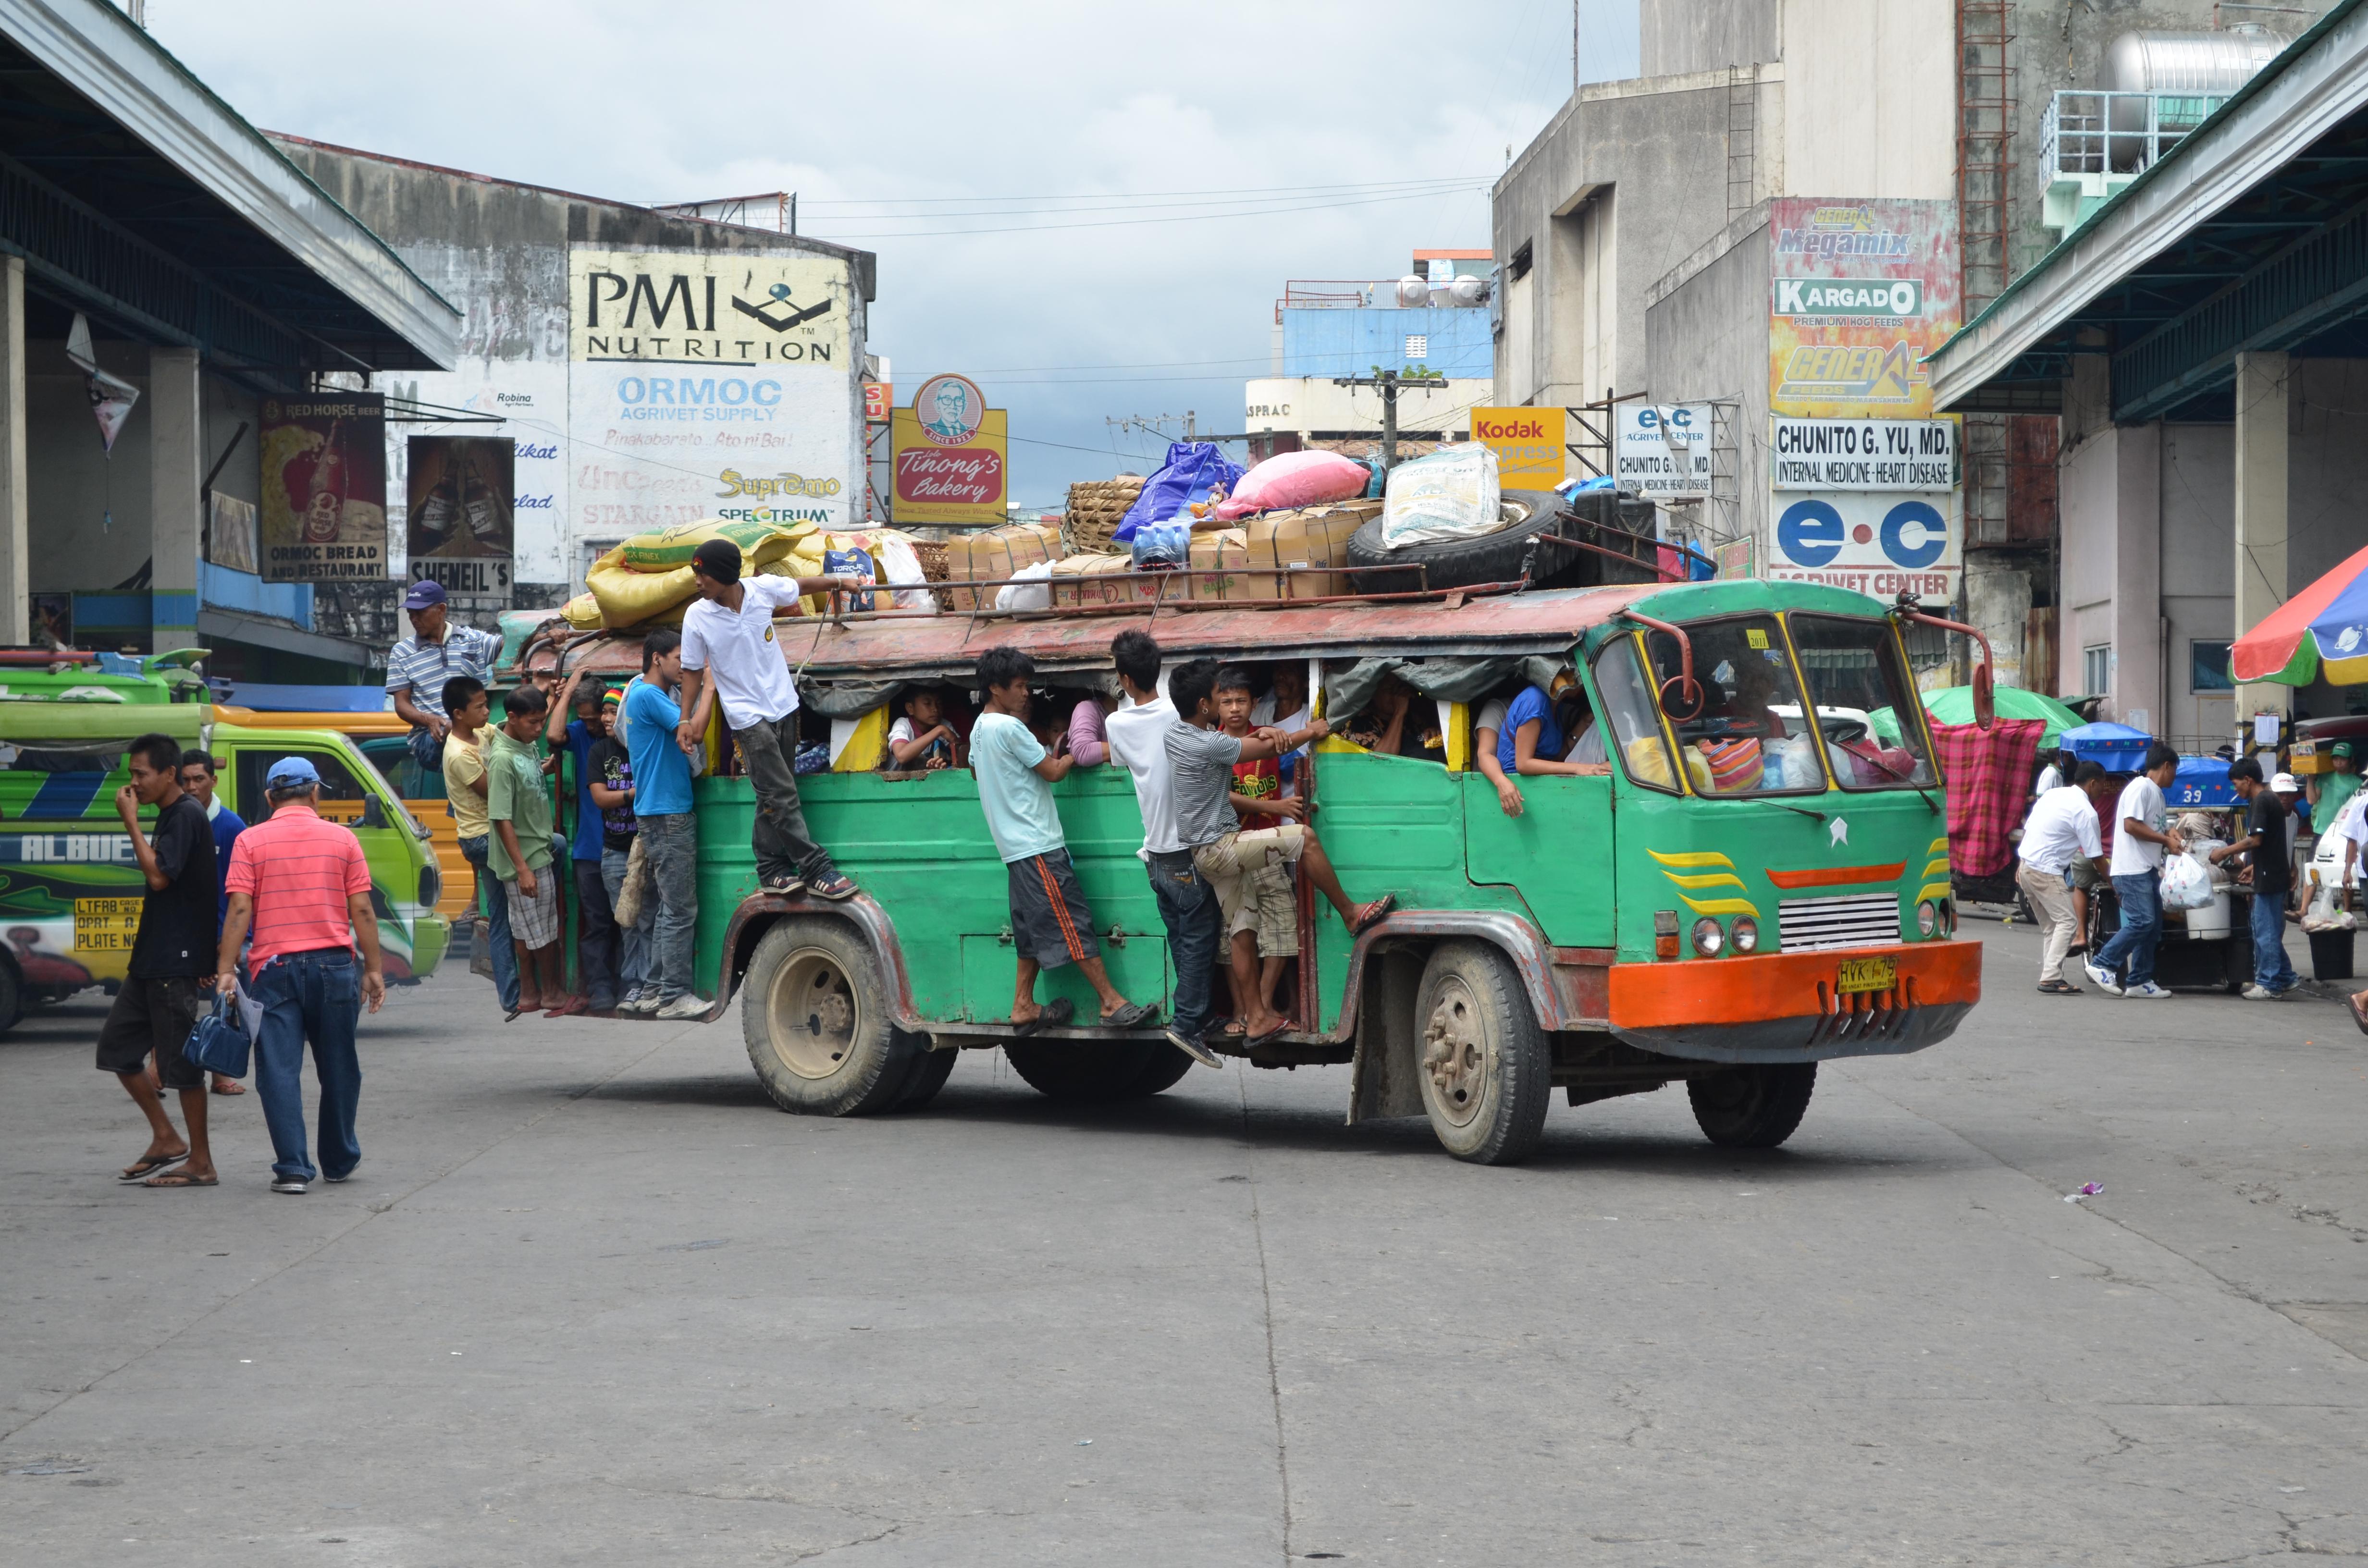 pilipinas noong ika 19 dantaon – kakaiba ang la sagrada familia mula sa mga pintang relihiyoso noong panahon ni domingo ng sining sa pilipinas, noong ng ika-19 dantaon si jose.